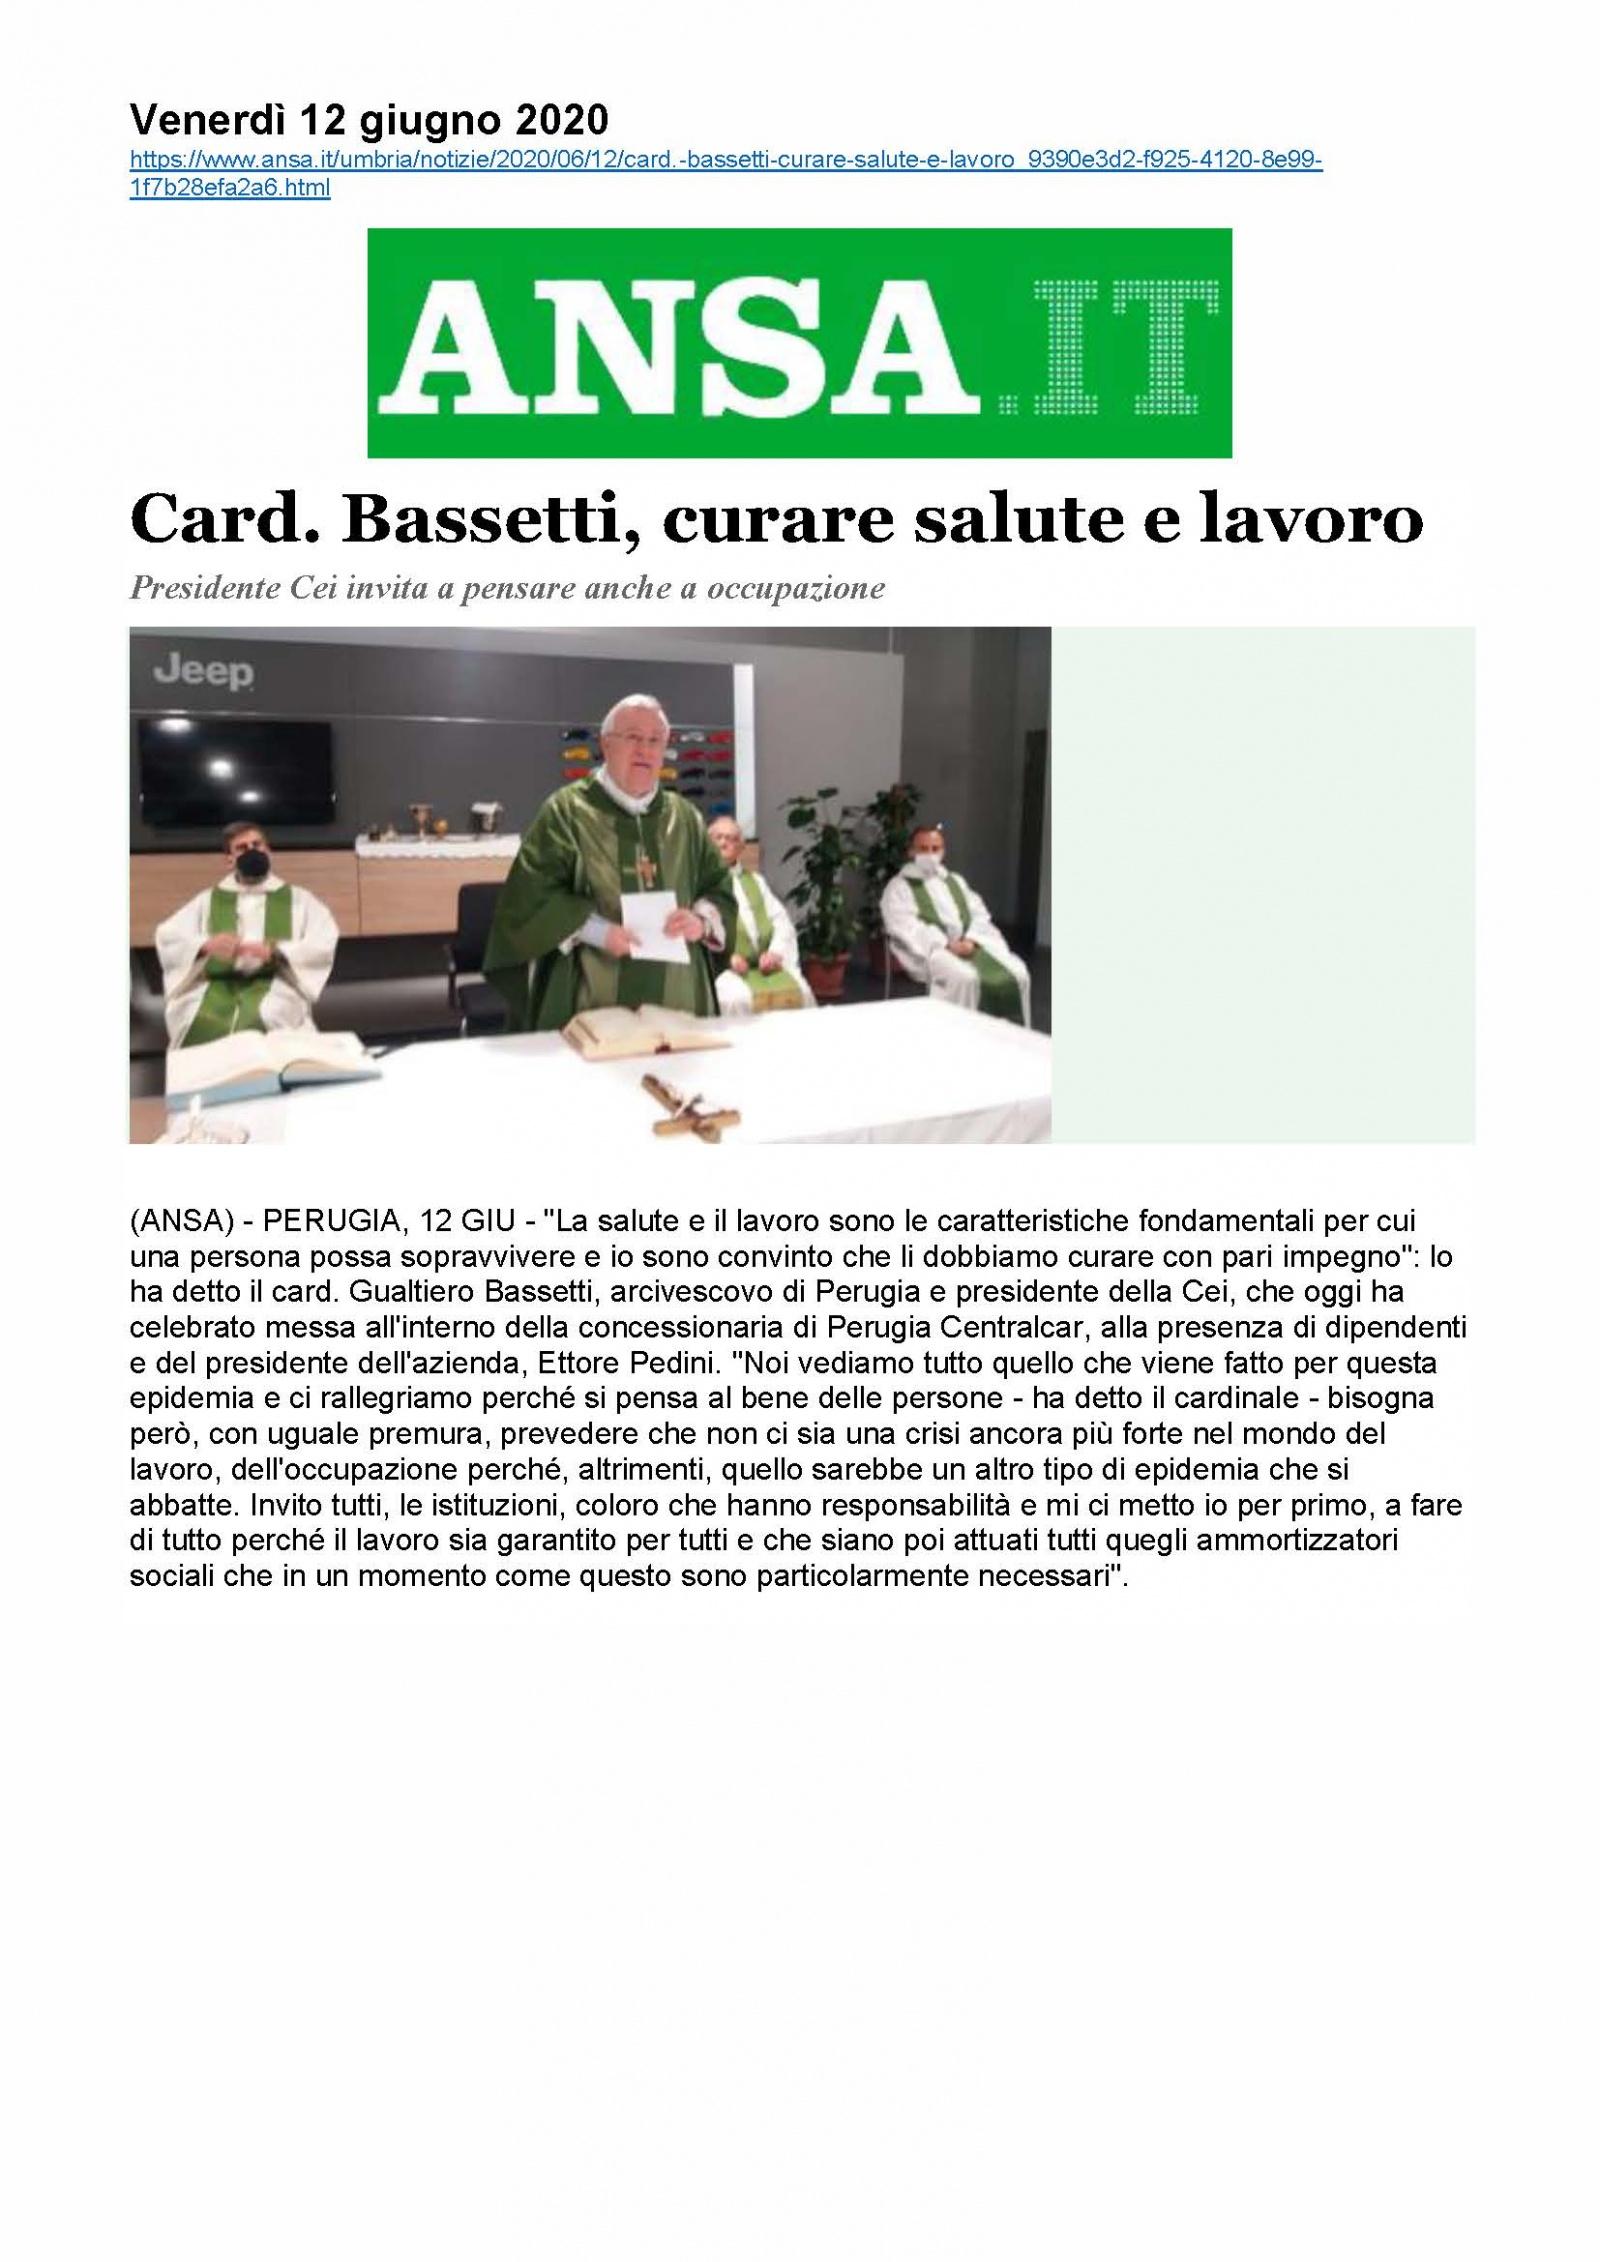 Card. Bassetti, curare salute e lavoro